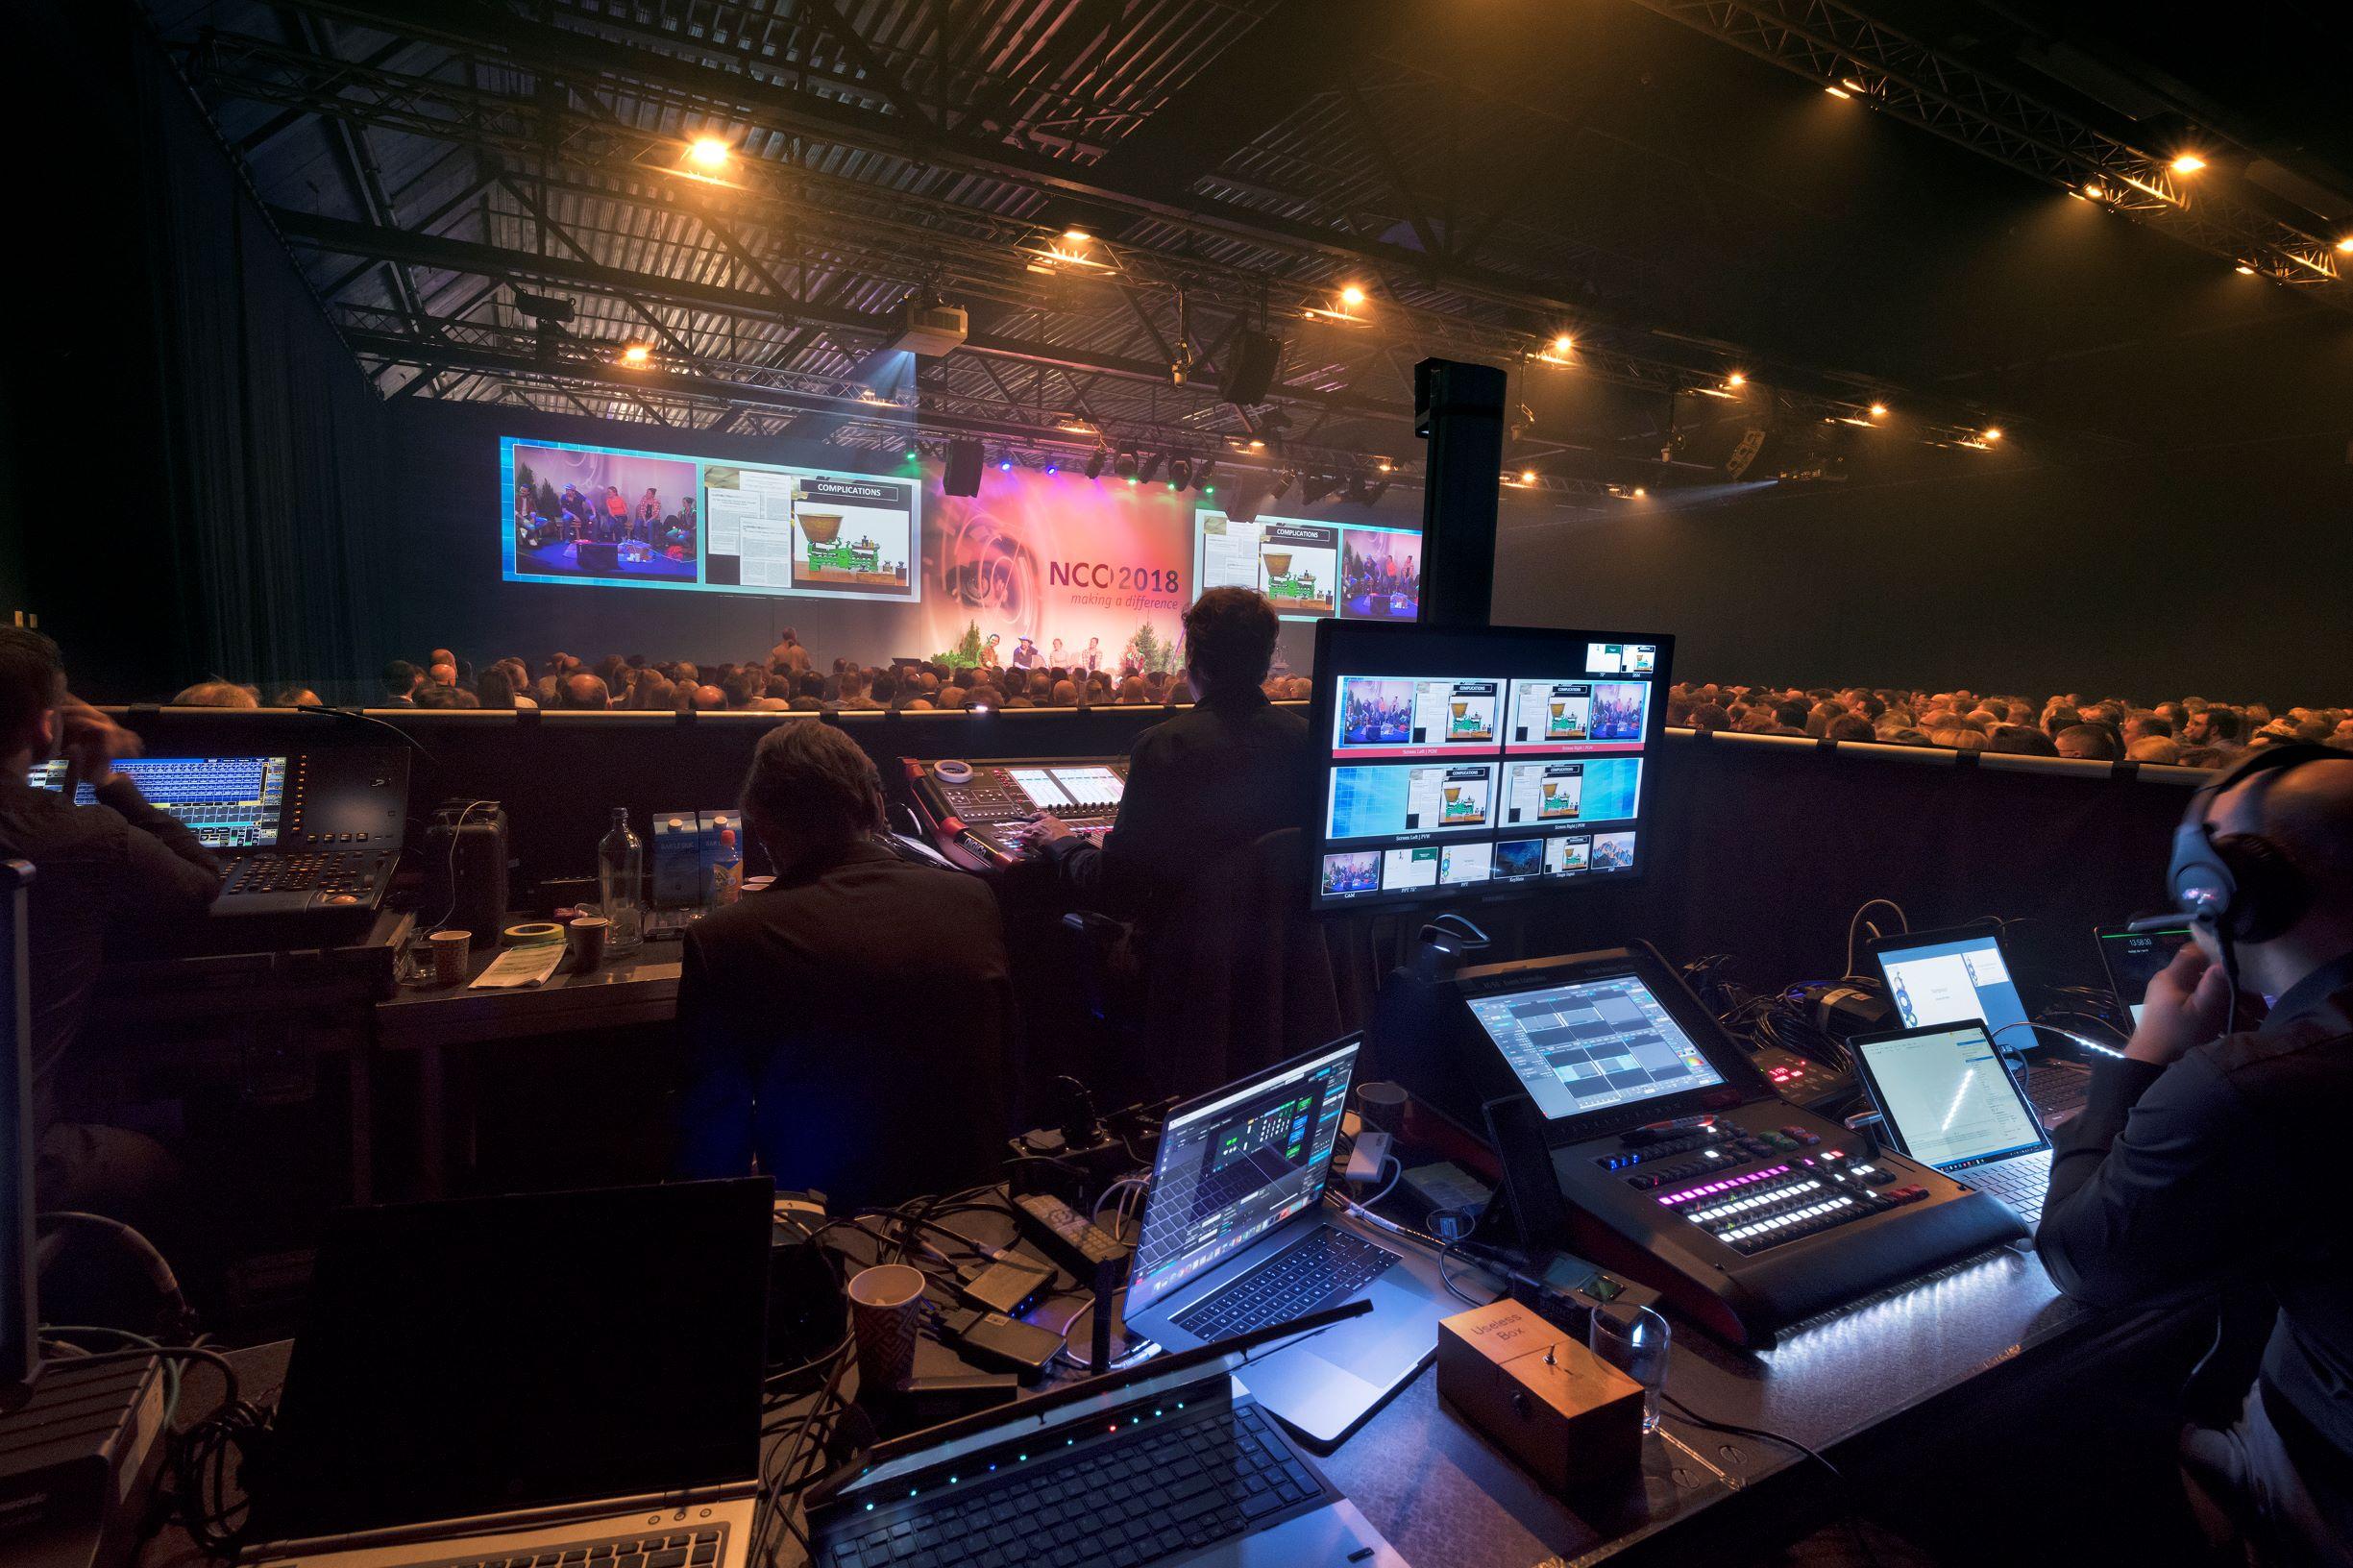 Audiovisuele middelen voor congres NCC 2018 Koningshof Veldhoven